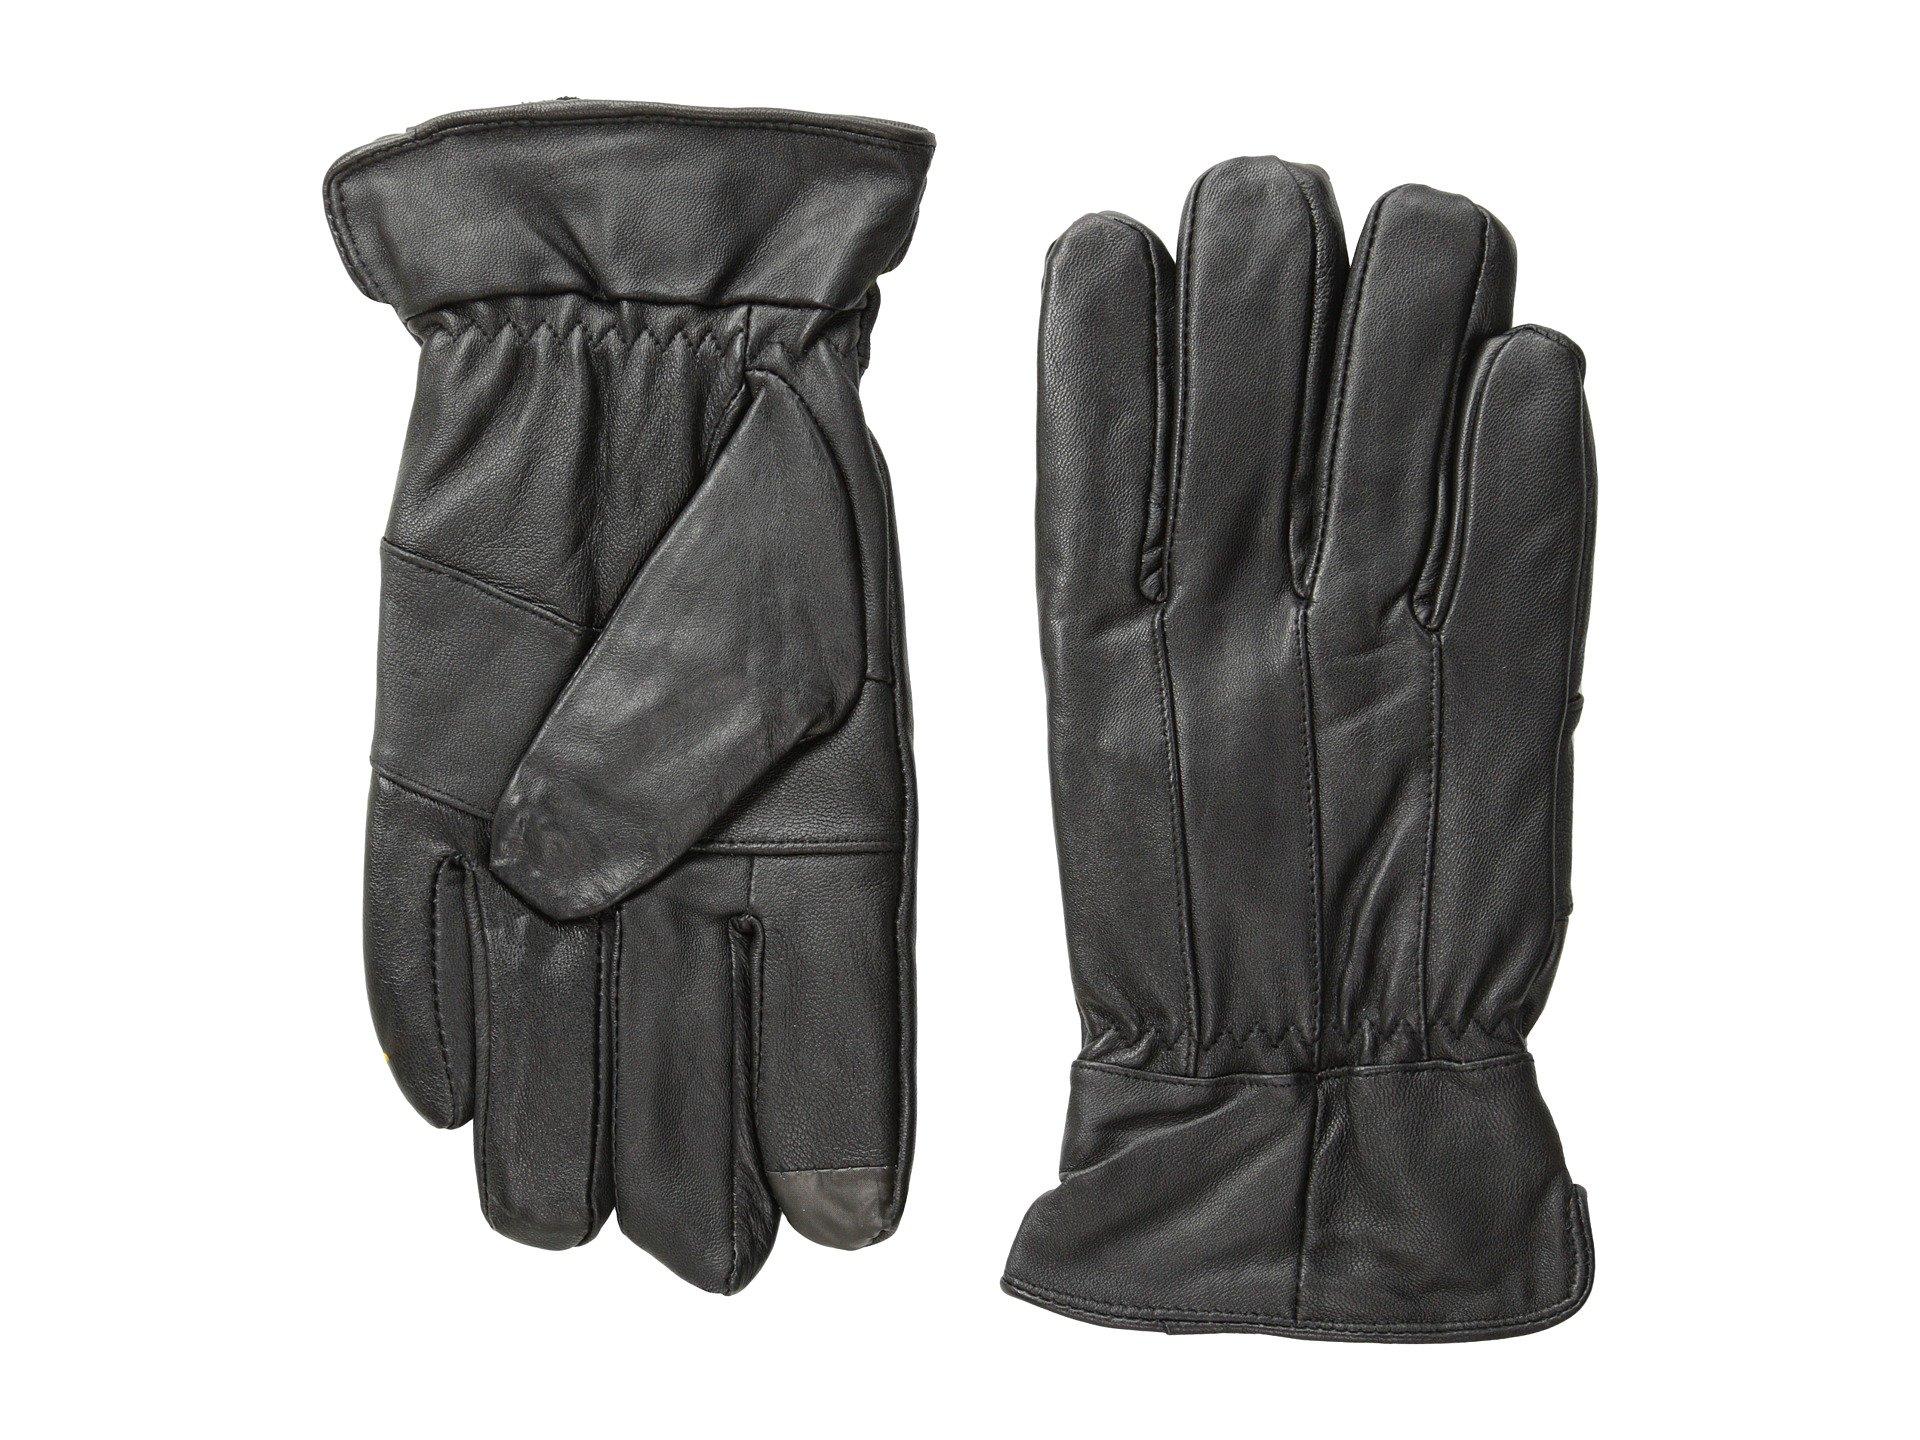 Guantes para Hombre Florsheim Smart Touch Leather Gloves  + Florsheim en VeoyCompro.net